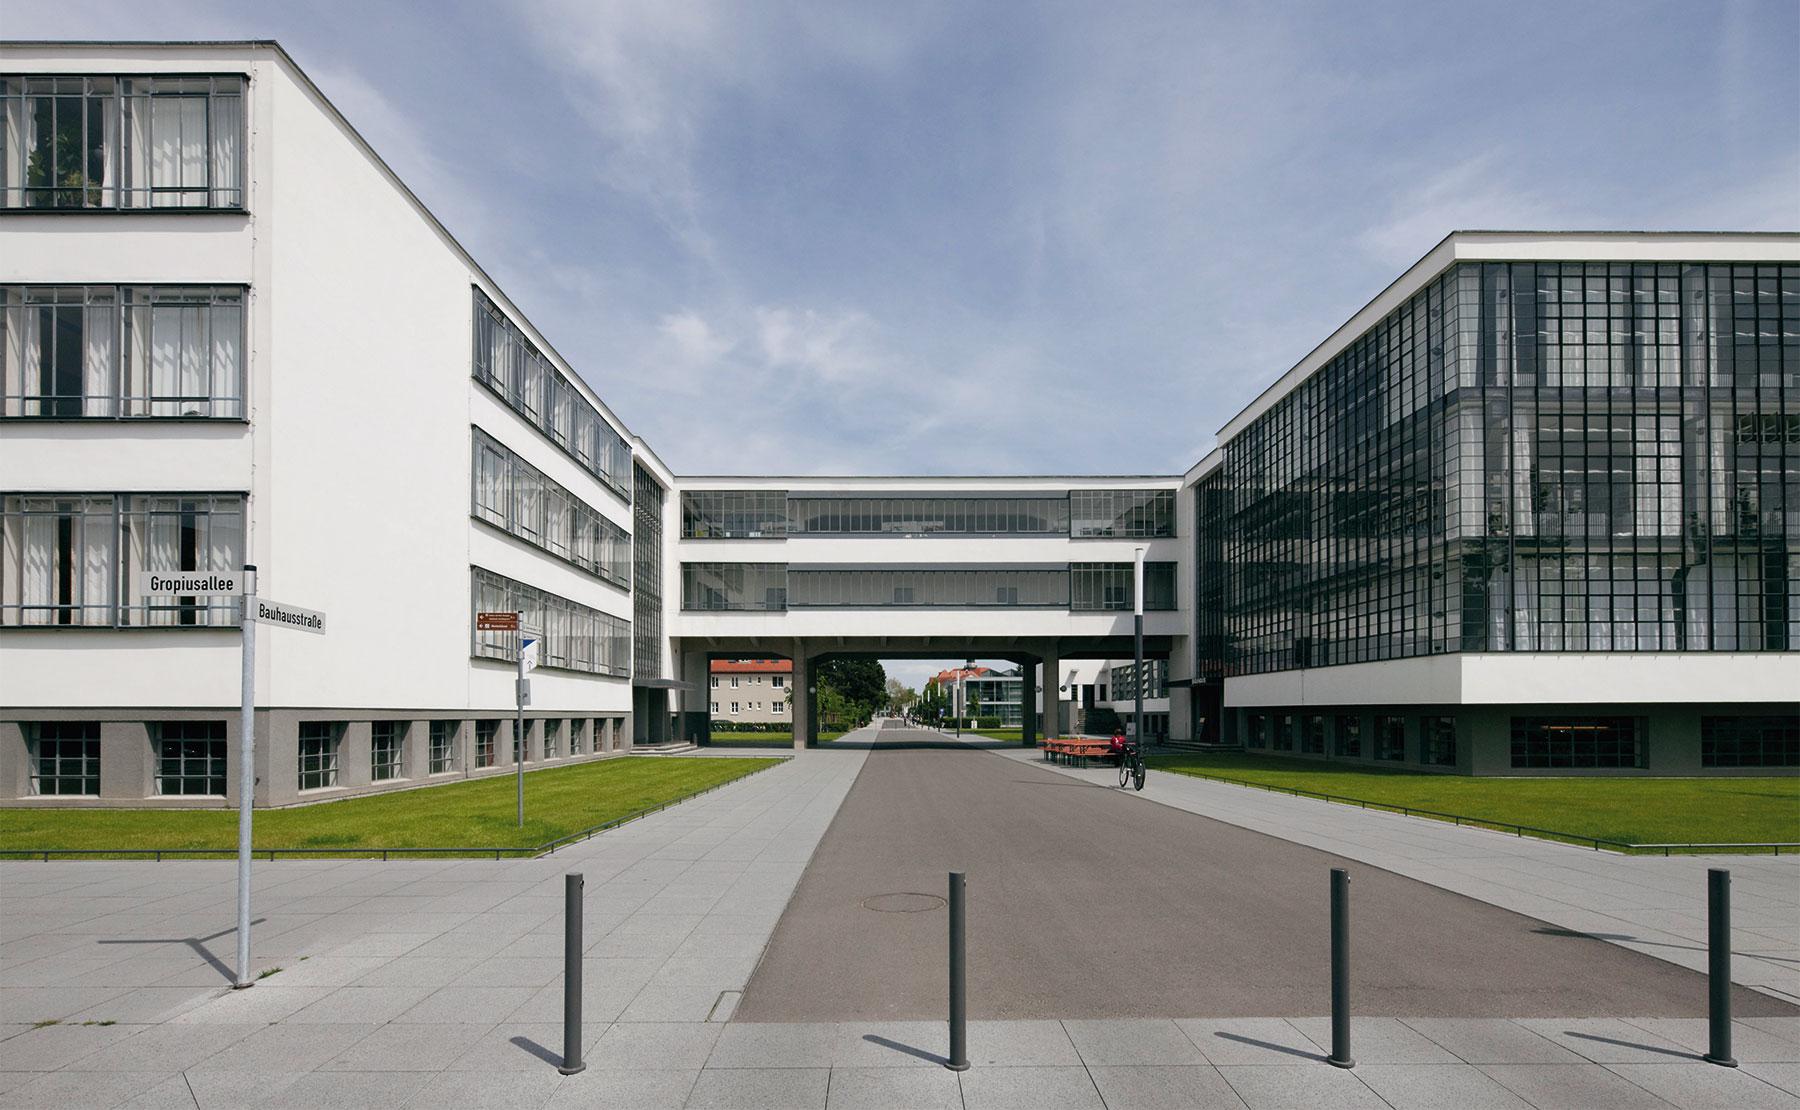 Bauhausgebäude Dessau